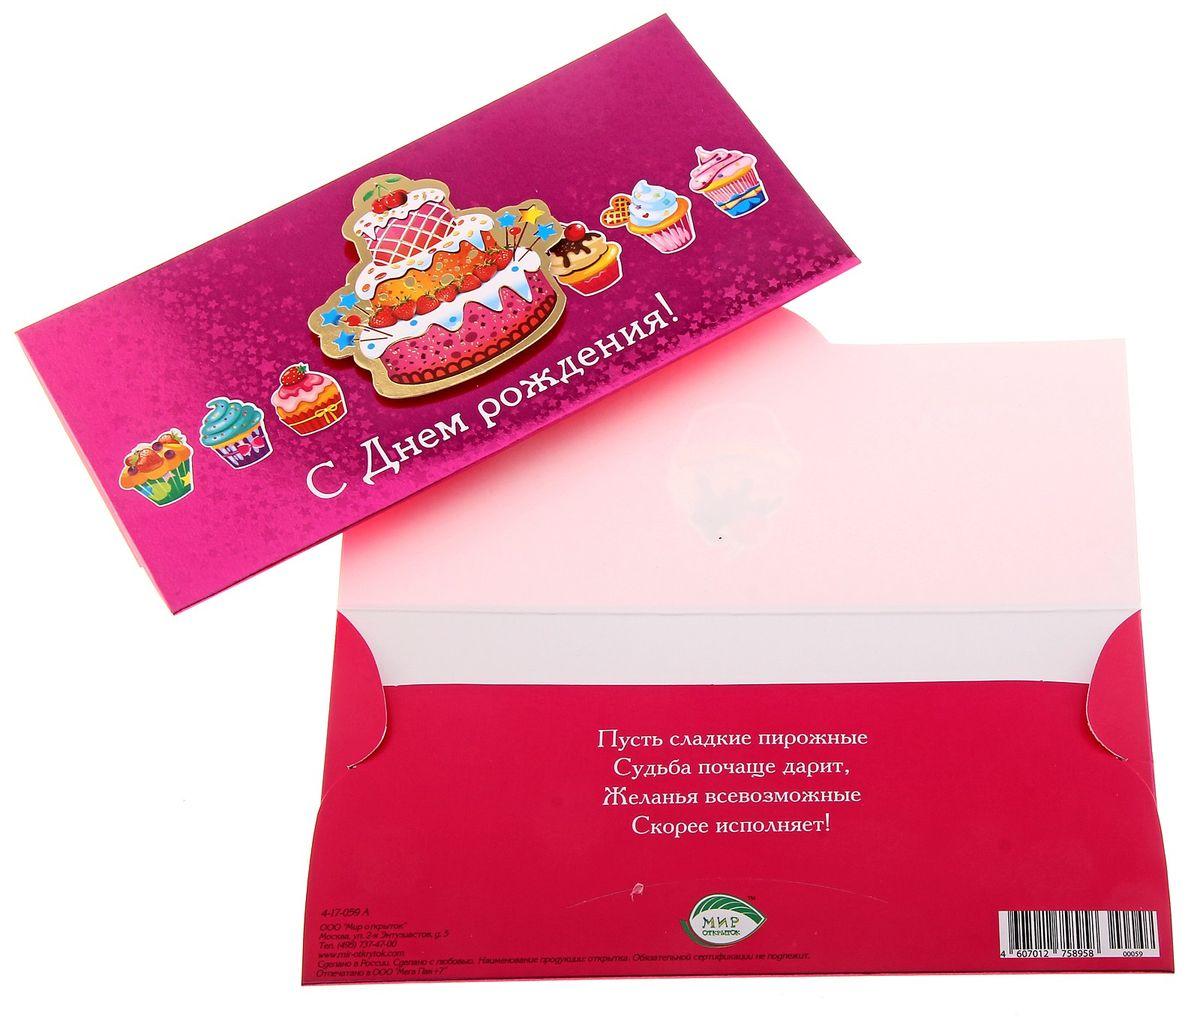 Конверты для поздравления с днем рождения своими руками